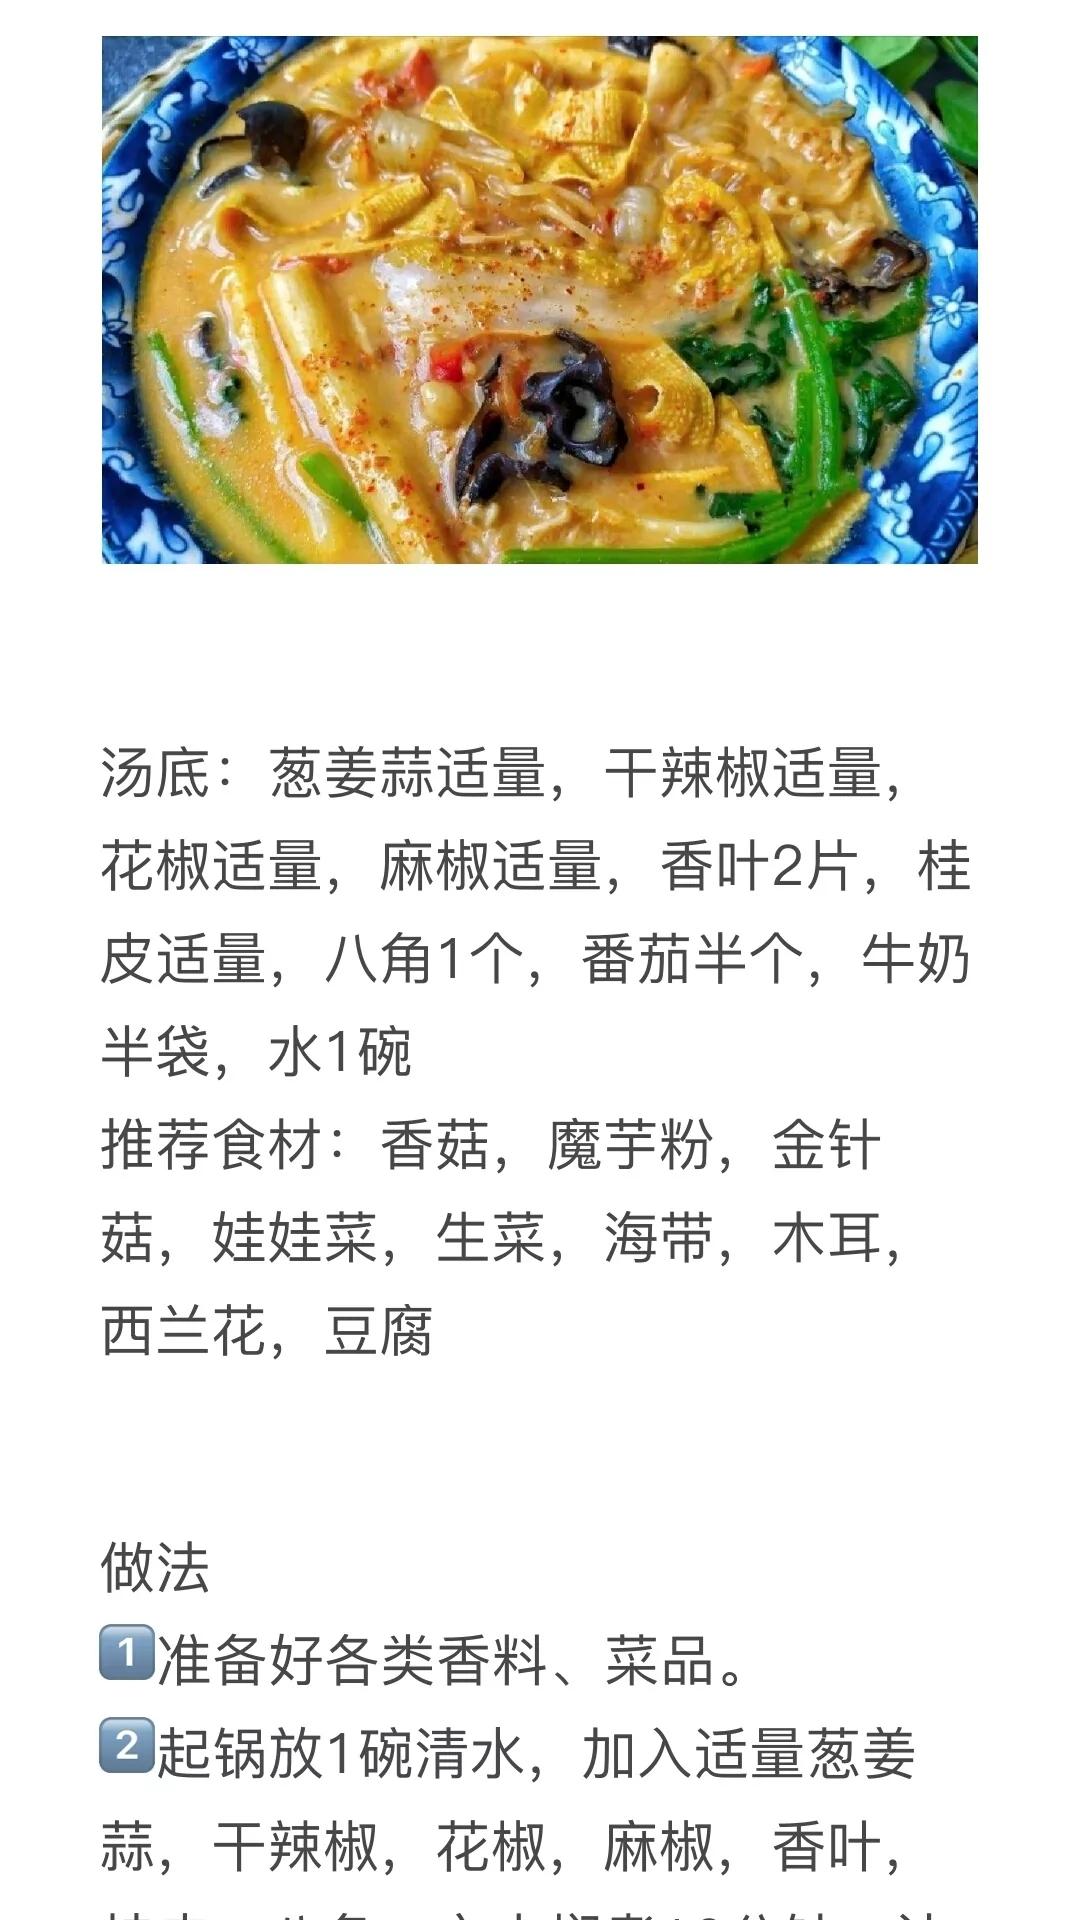 麻辣口味菜做法及配料 美食做法 第18张